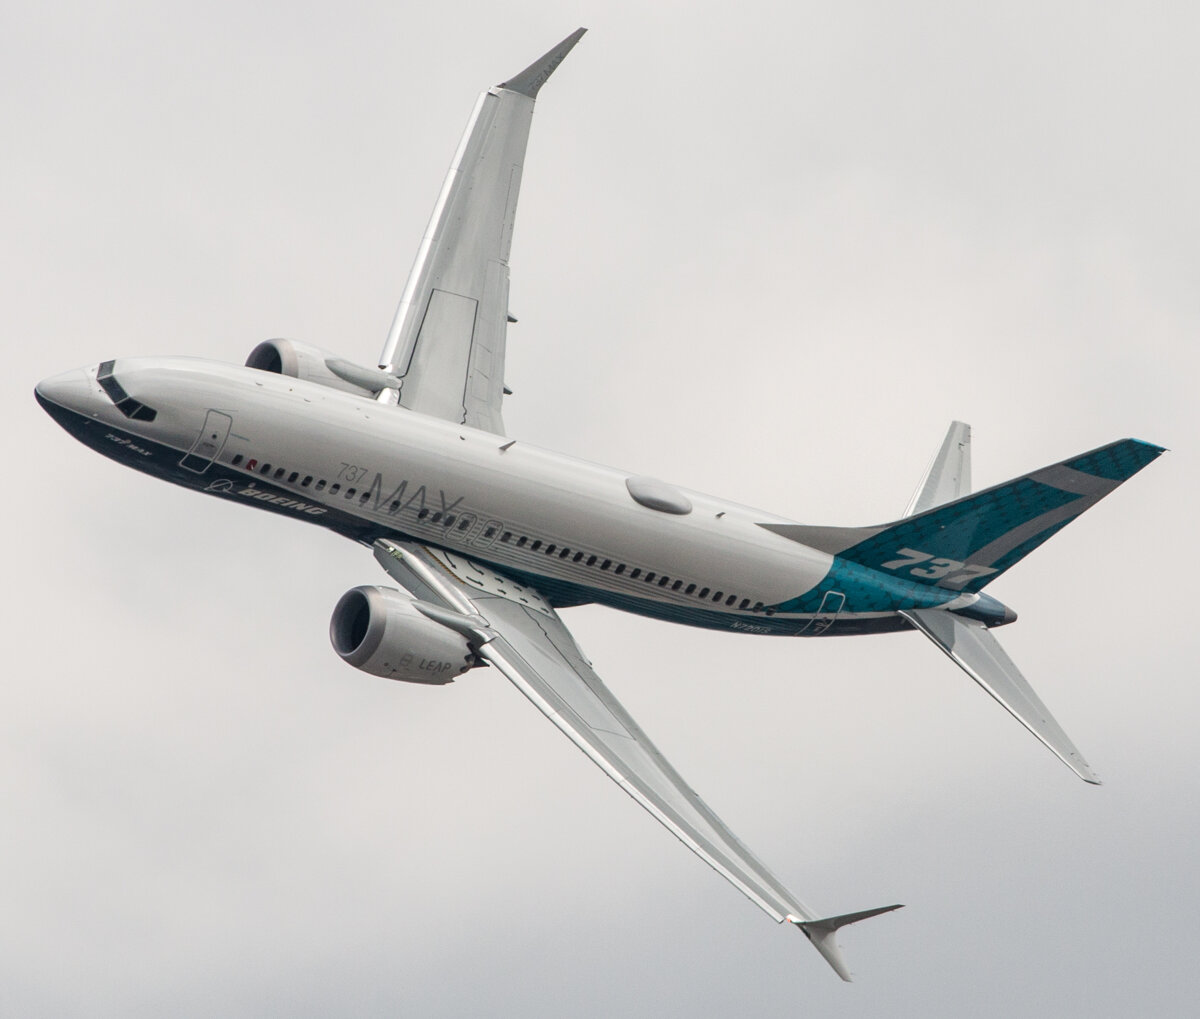 0af5f16a318e7 Boeing 737-MAX spoznáte podľa rozdvojených koncov krídel, ktorým sa v  leteckom žargóne hovorí